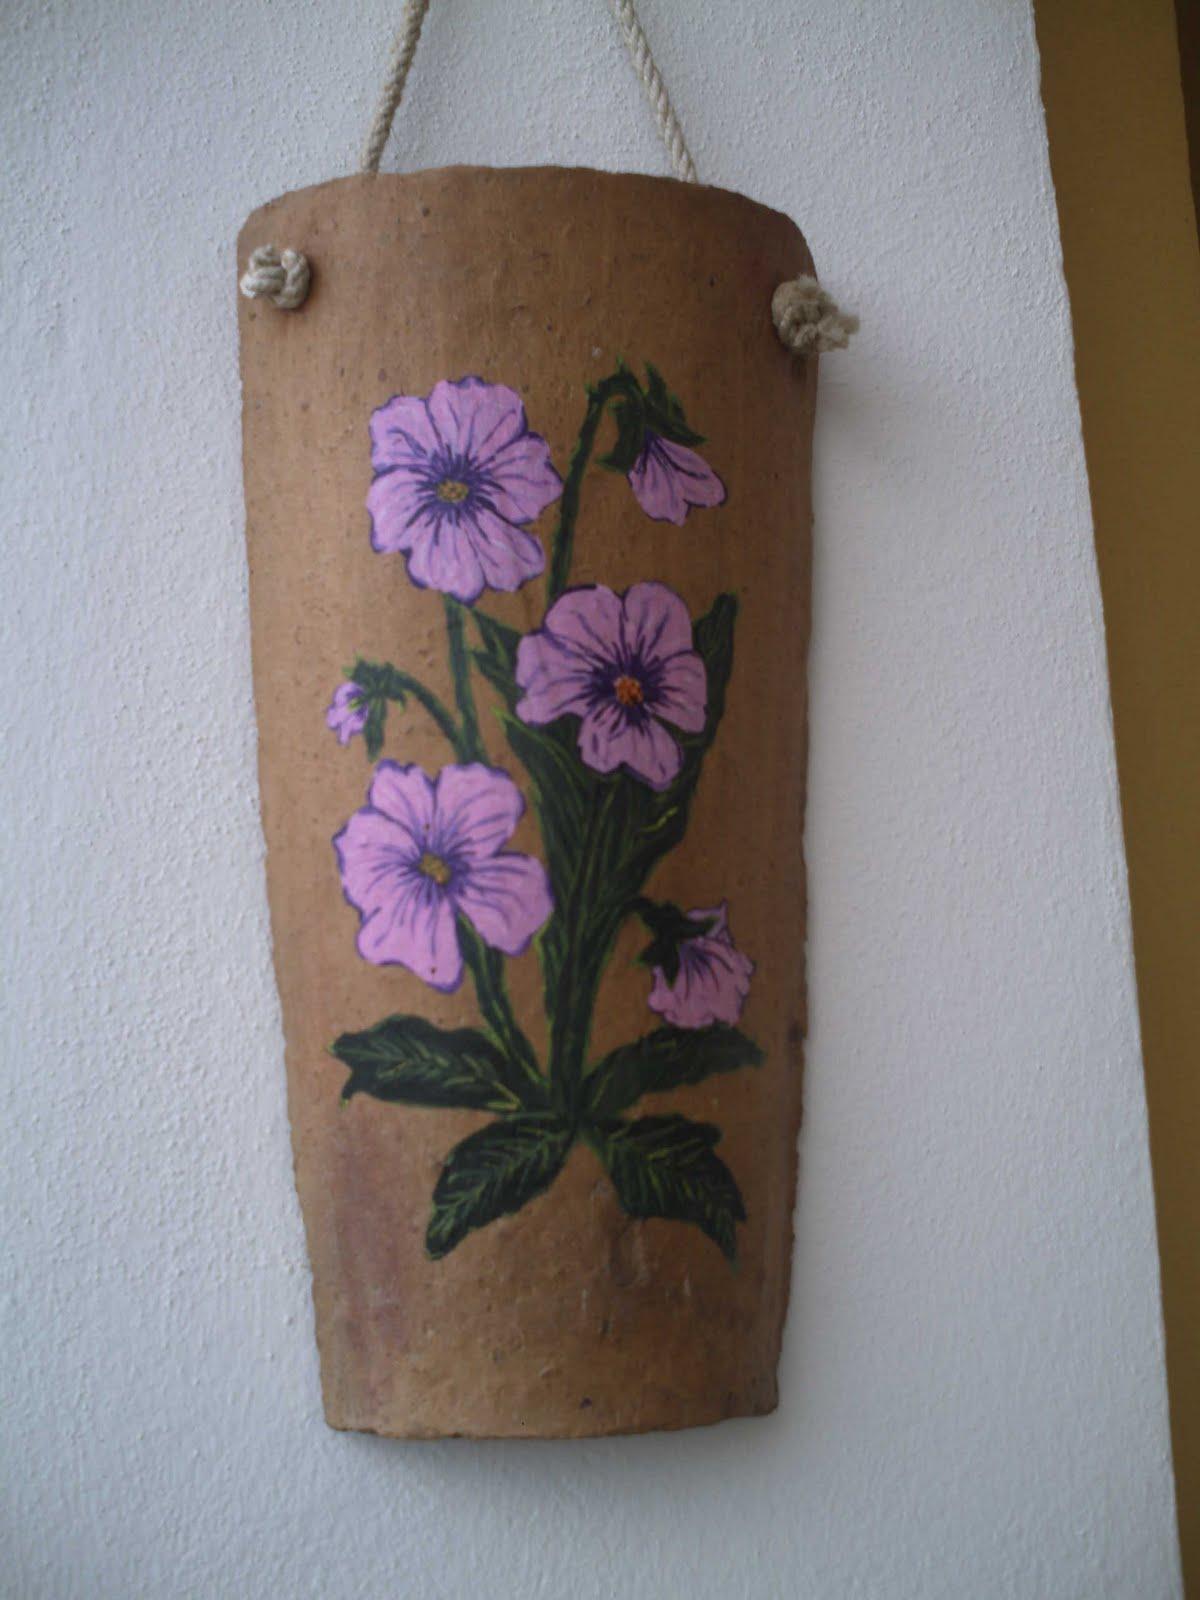 Manualidadesylaboresmary - Pintura para tejas ...